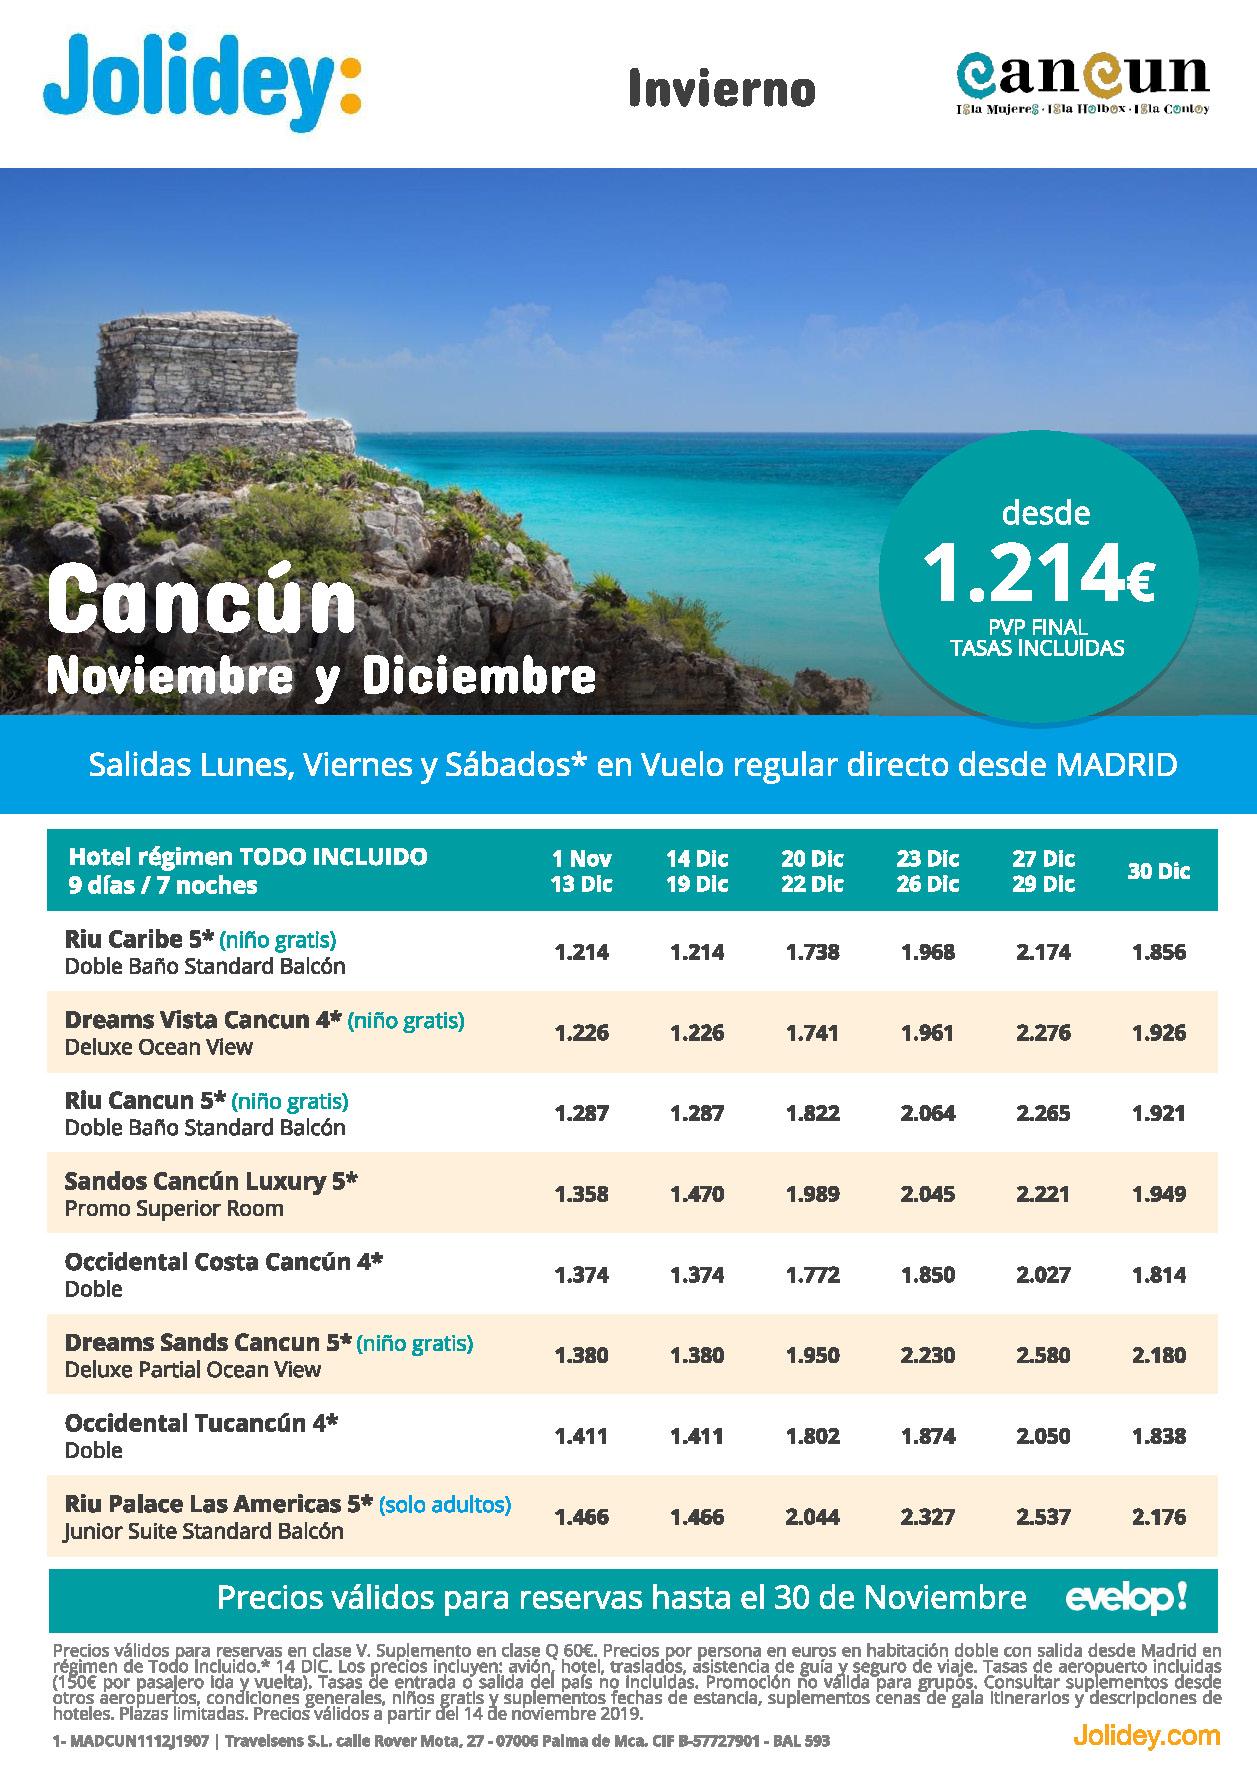 Ofertas Jolidey Vacaciones en Cancun Noviembre Diciembre 2019